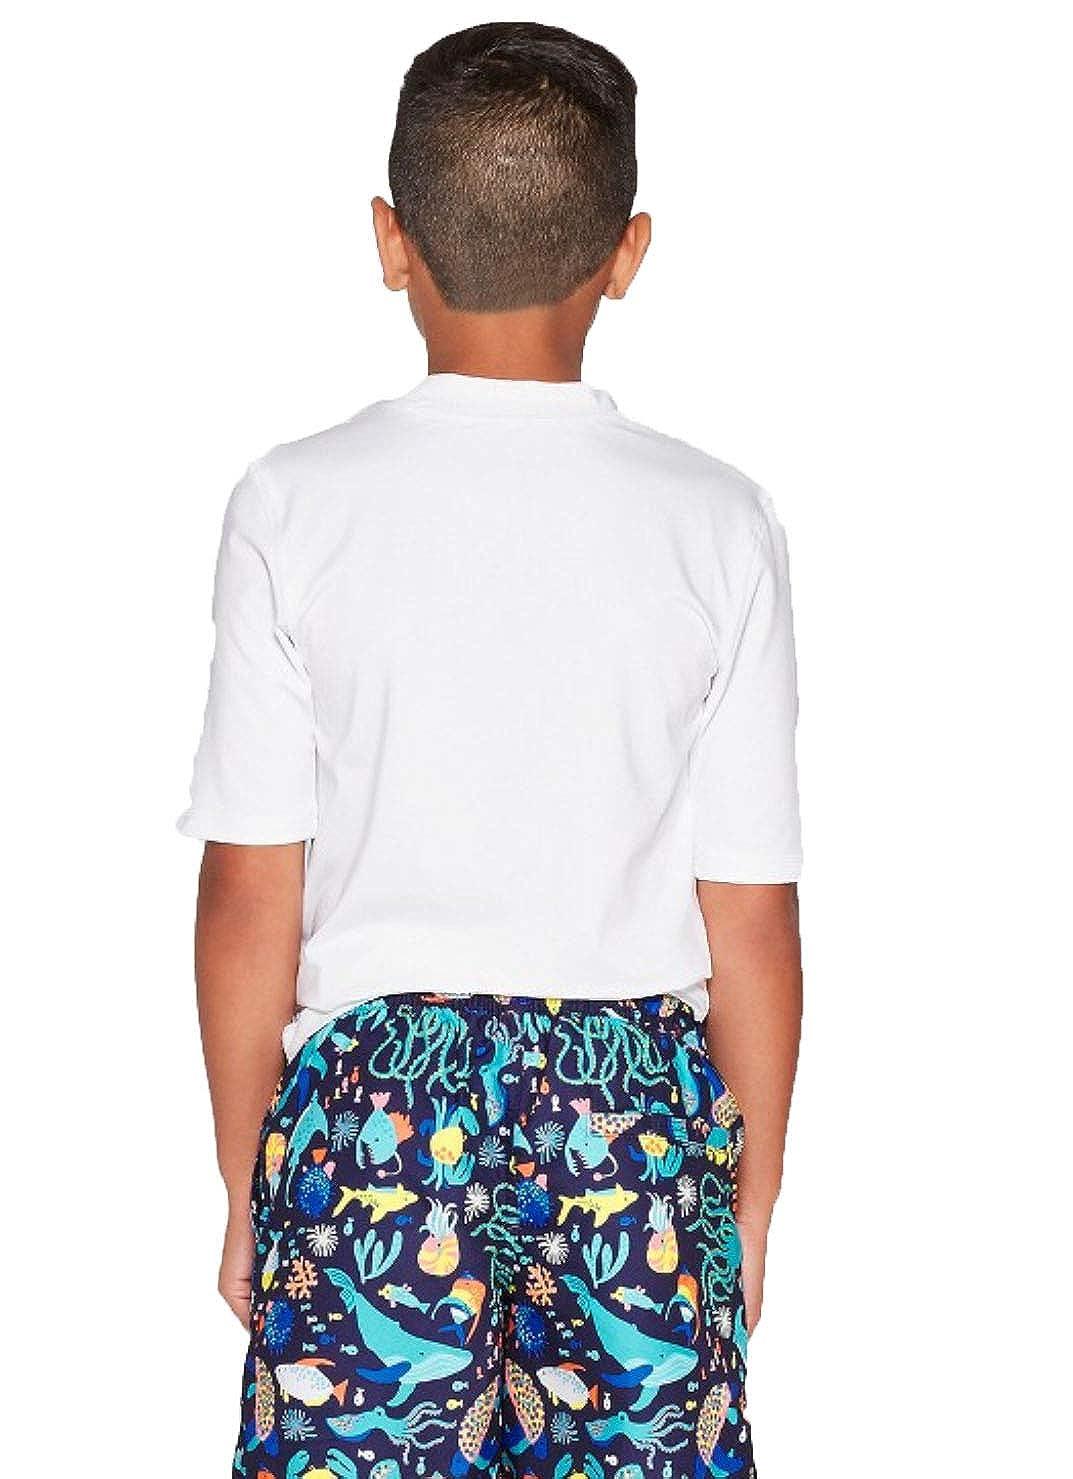 Cat /& Jack Boys Short Sleeve Rash Guard-Variety